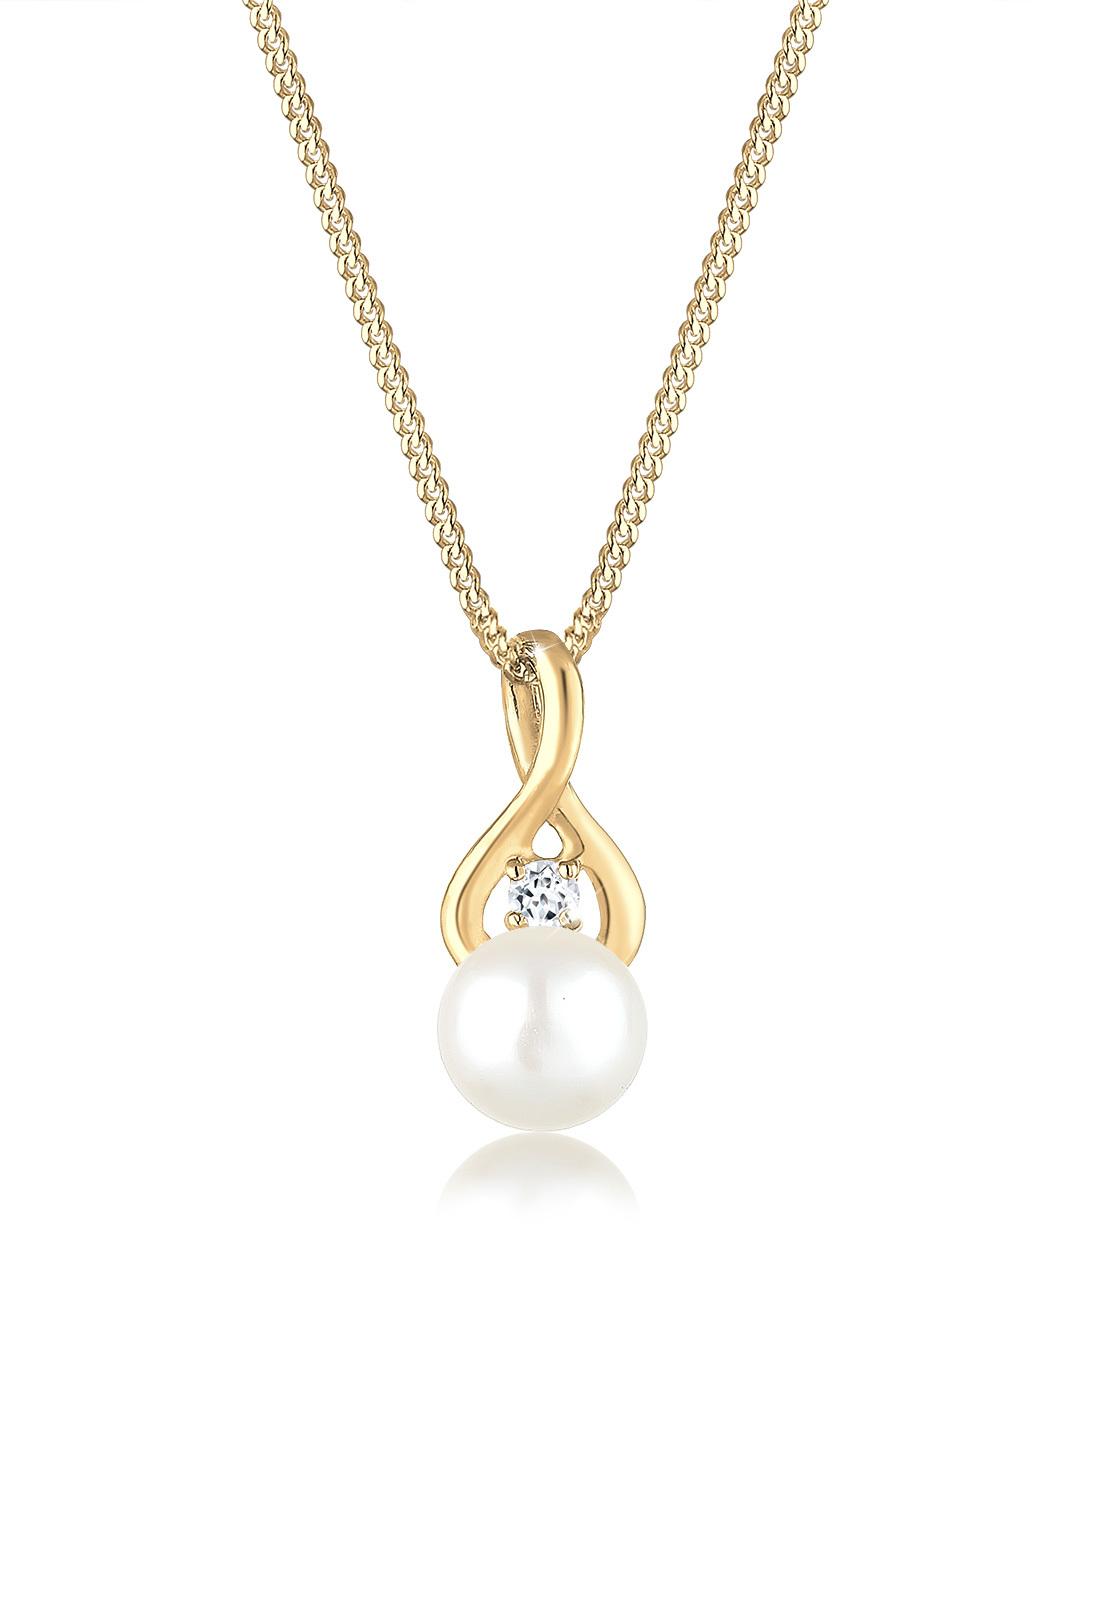 Halskette Infinity | Süßwasserperle, Topas ( Weiß ) | 585 Gelbgold